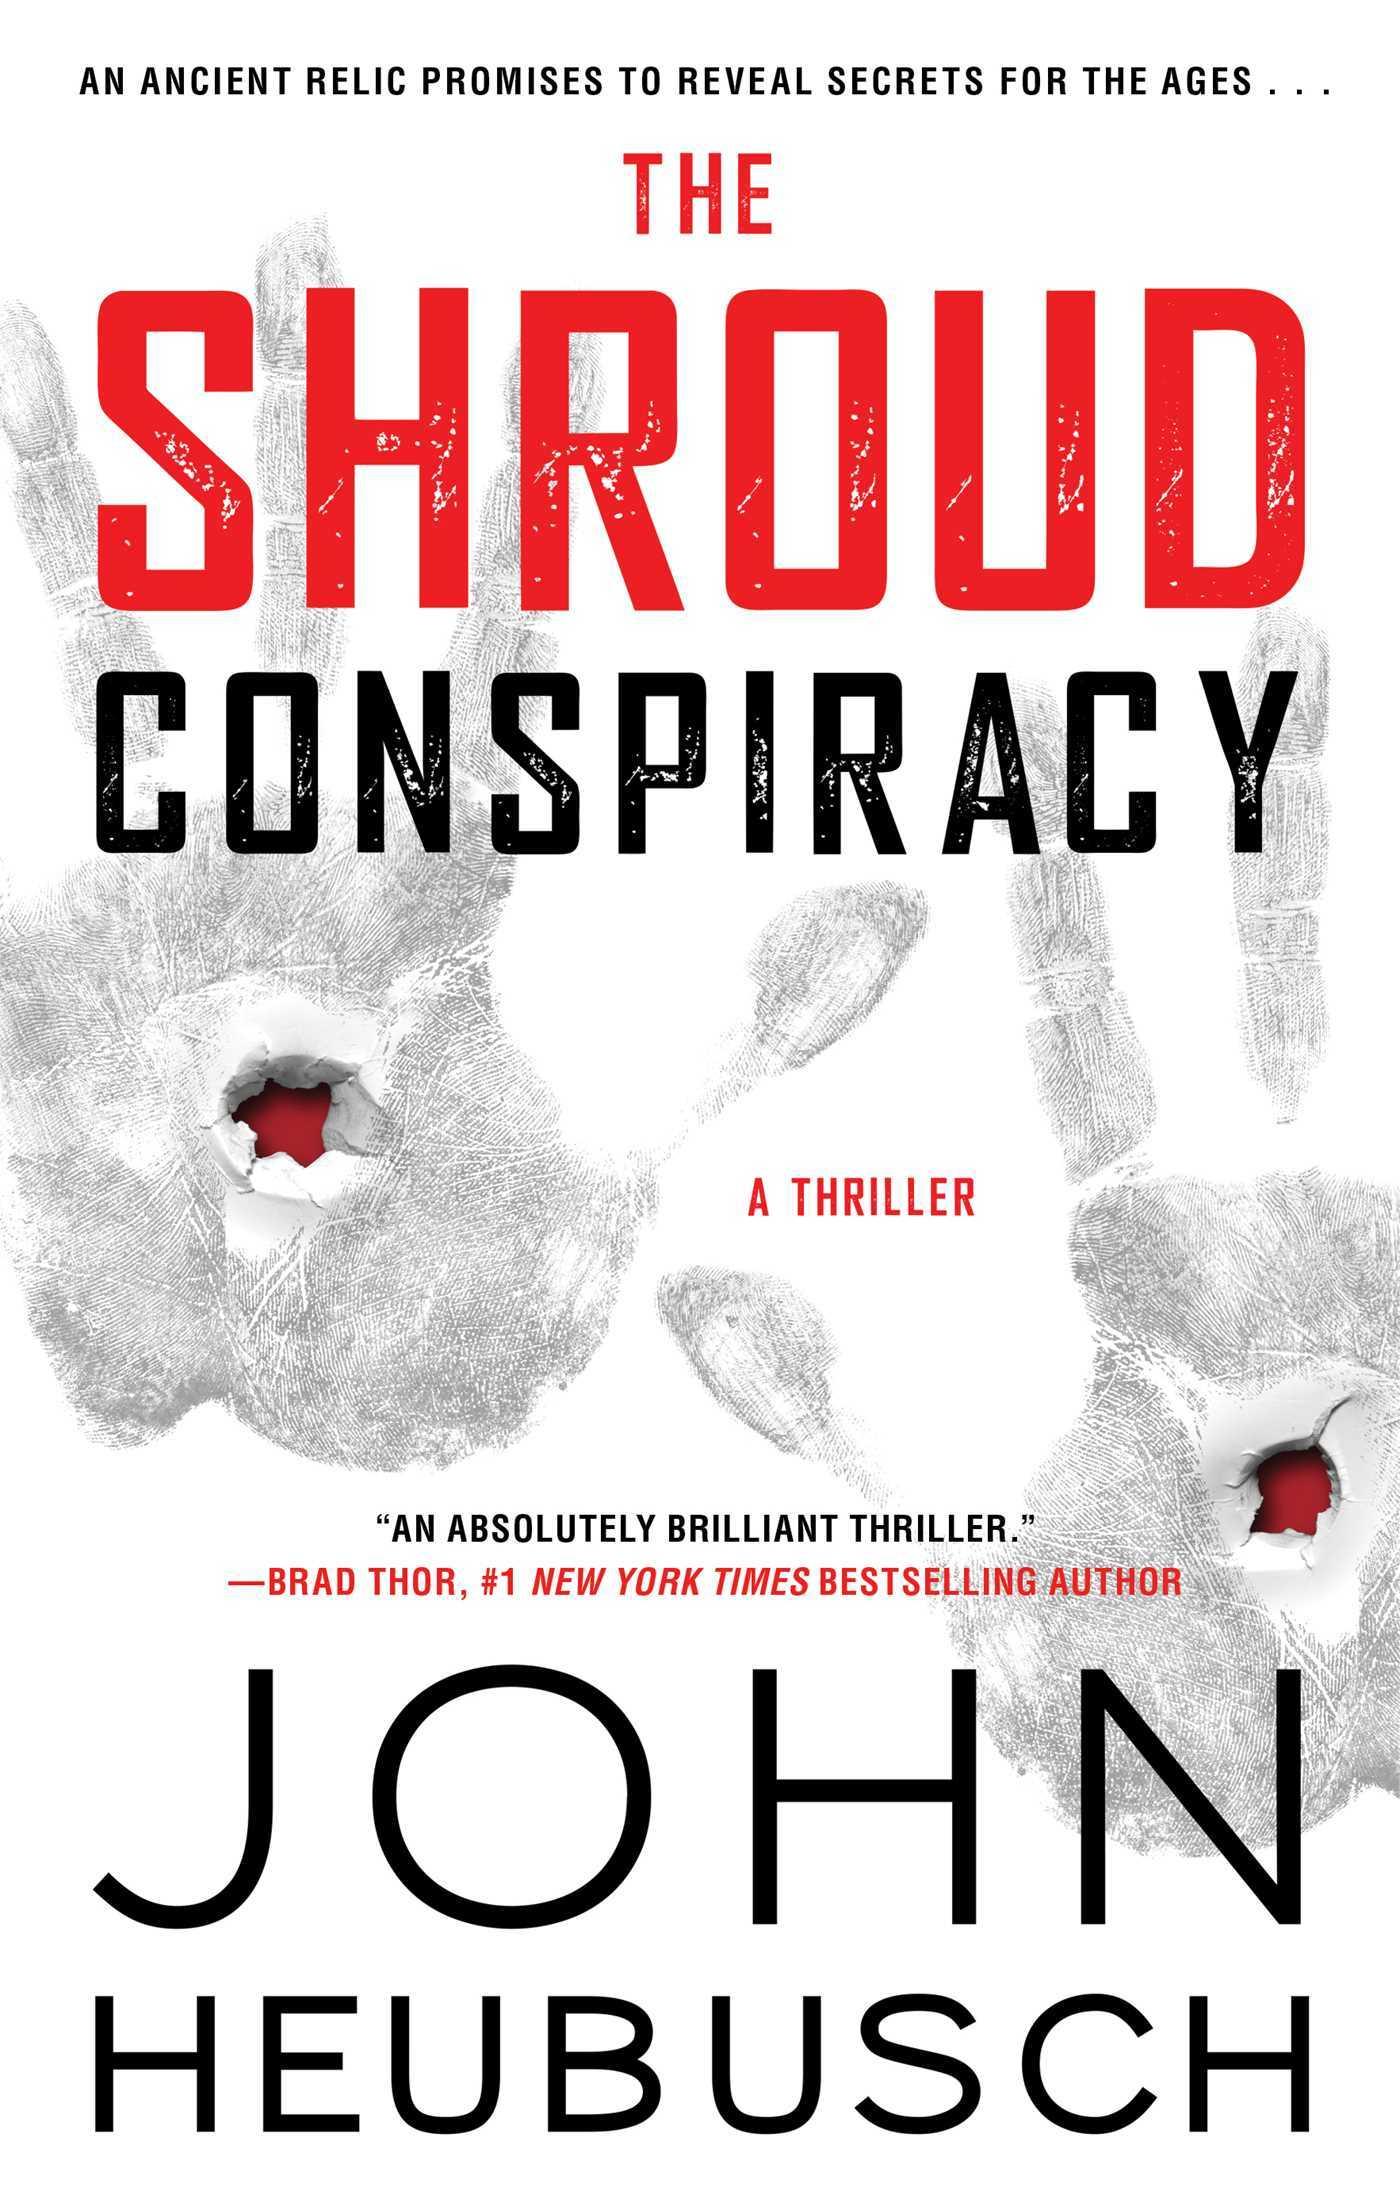 The Shroud Conspiracy (The Shroud #1)